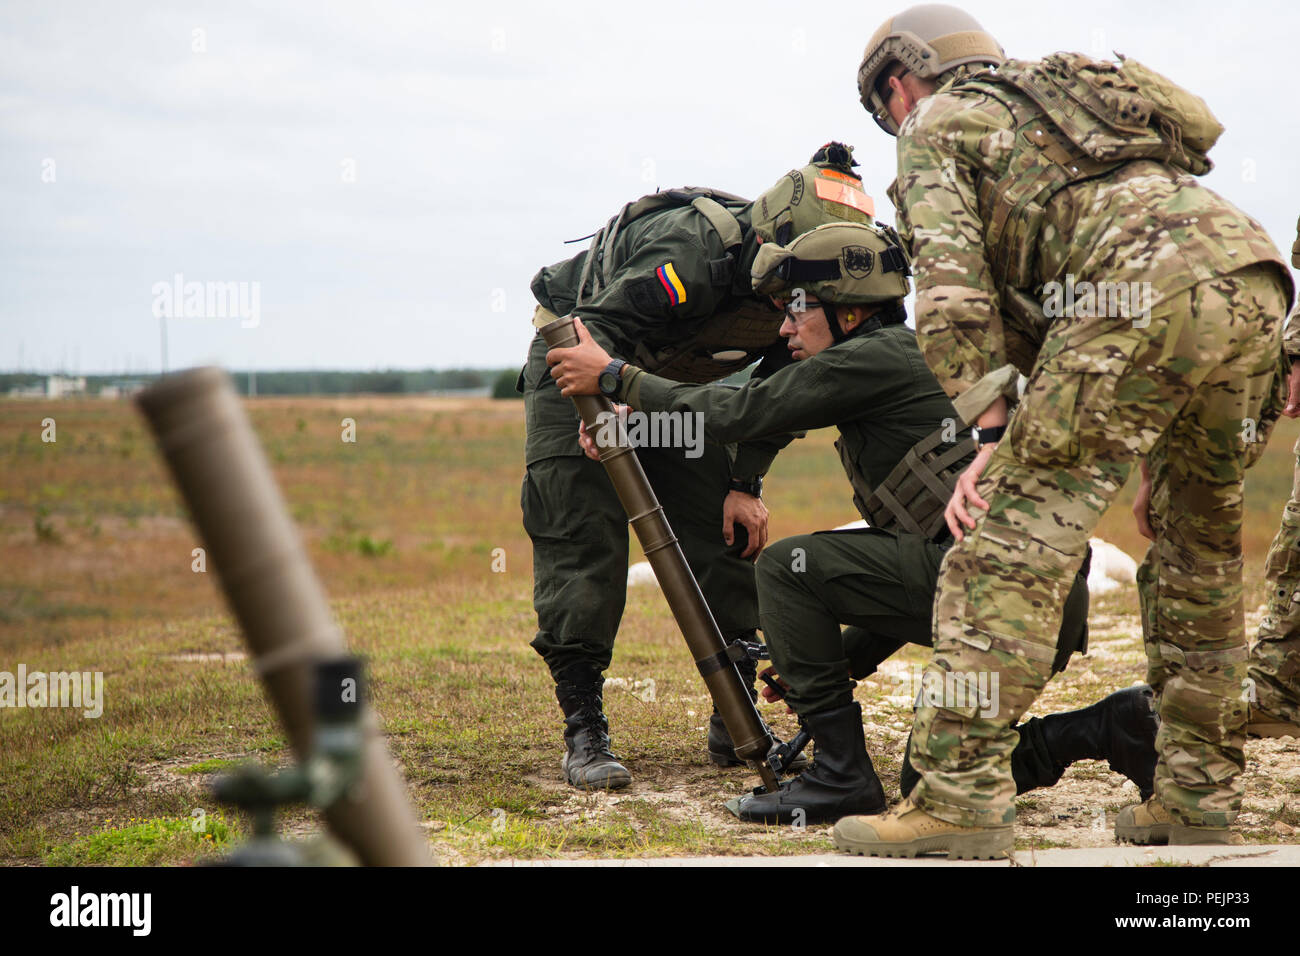 Los miembros de la Jungla Compana Antinarcoticos colombiana se preparan  para disparar un proyectil de mortero 7d85b17acf3